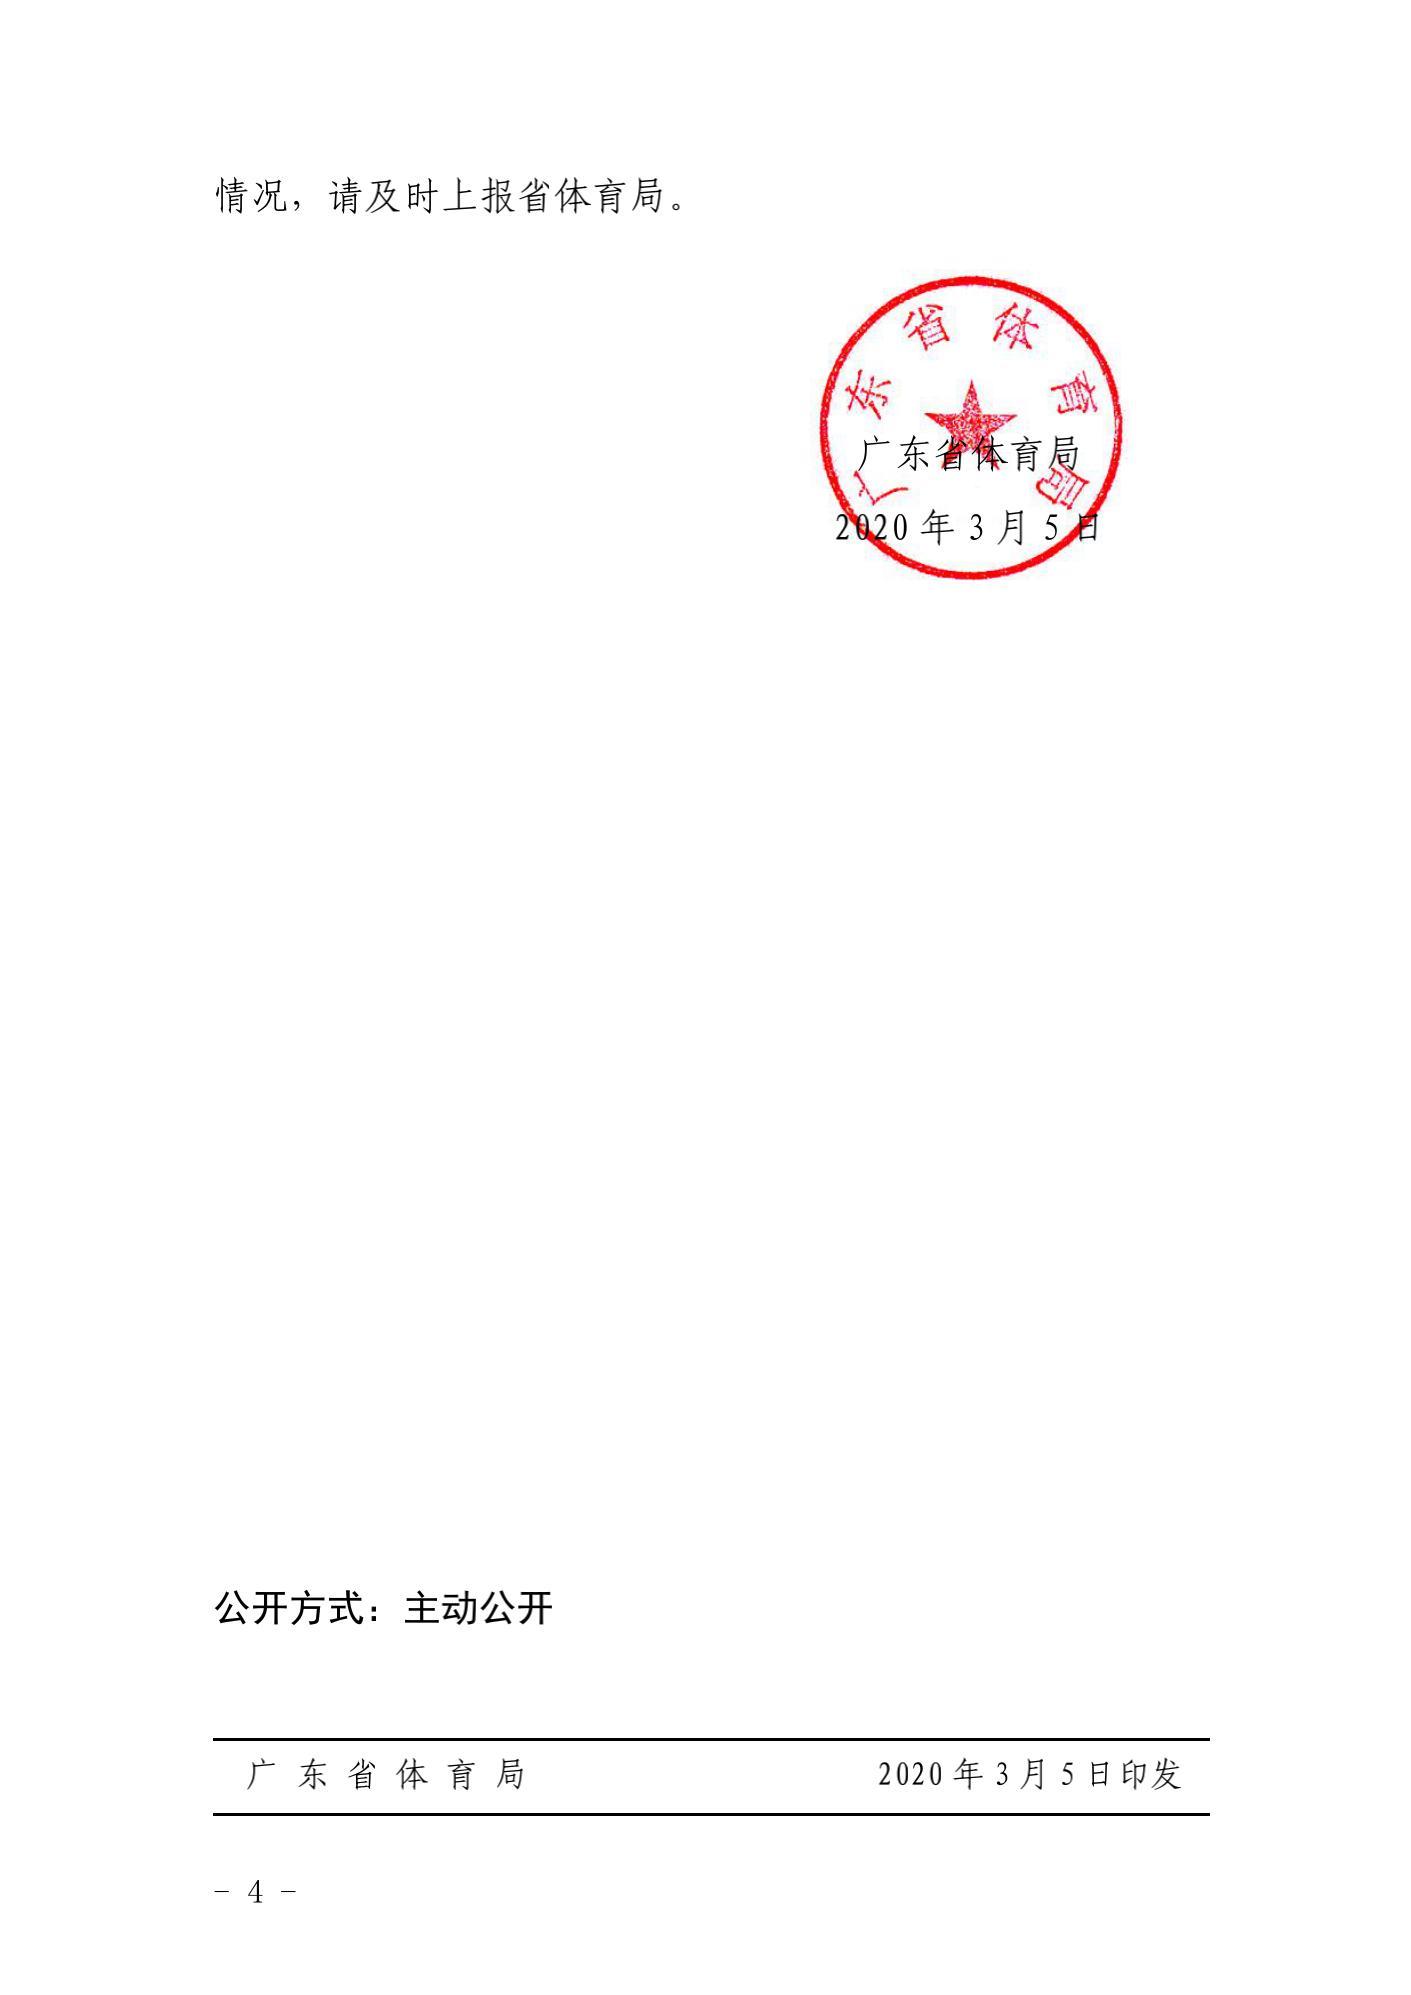 省体育局文件(1)_03.jpg